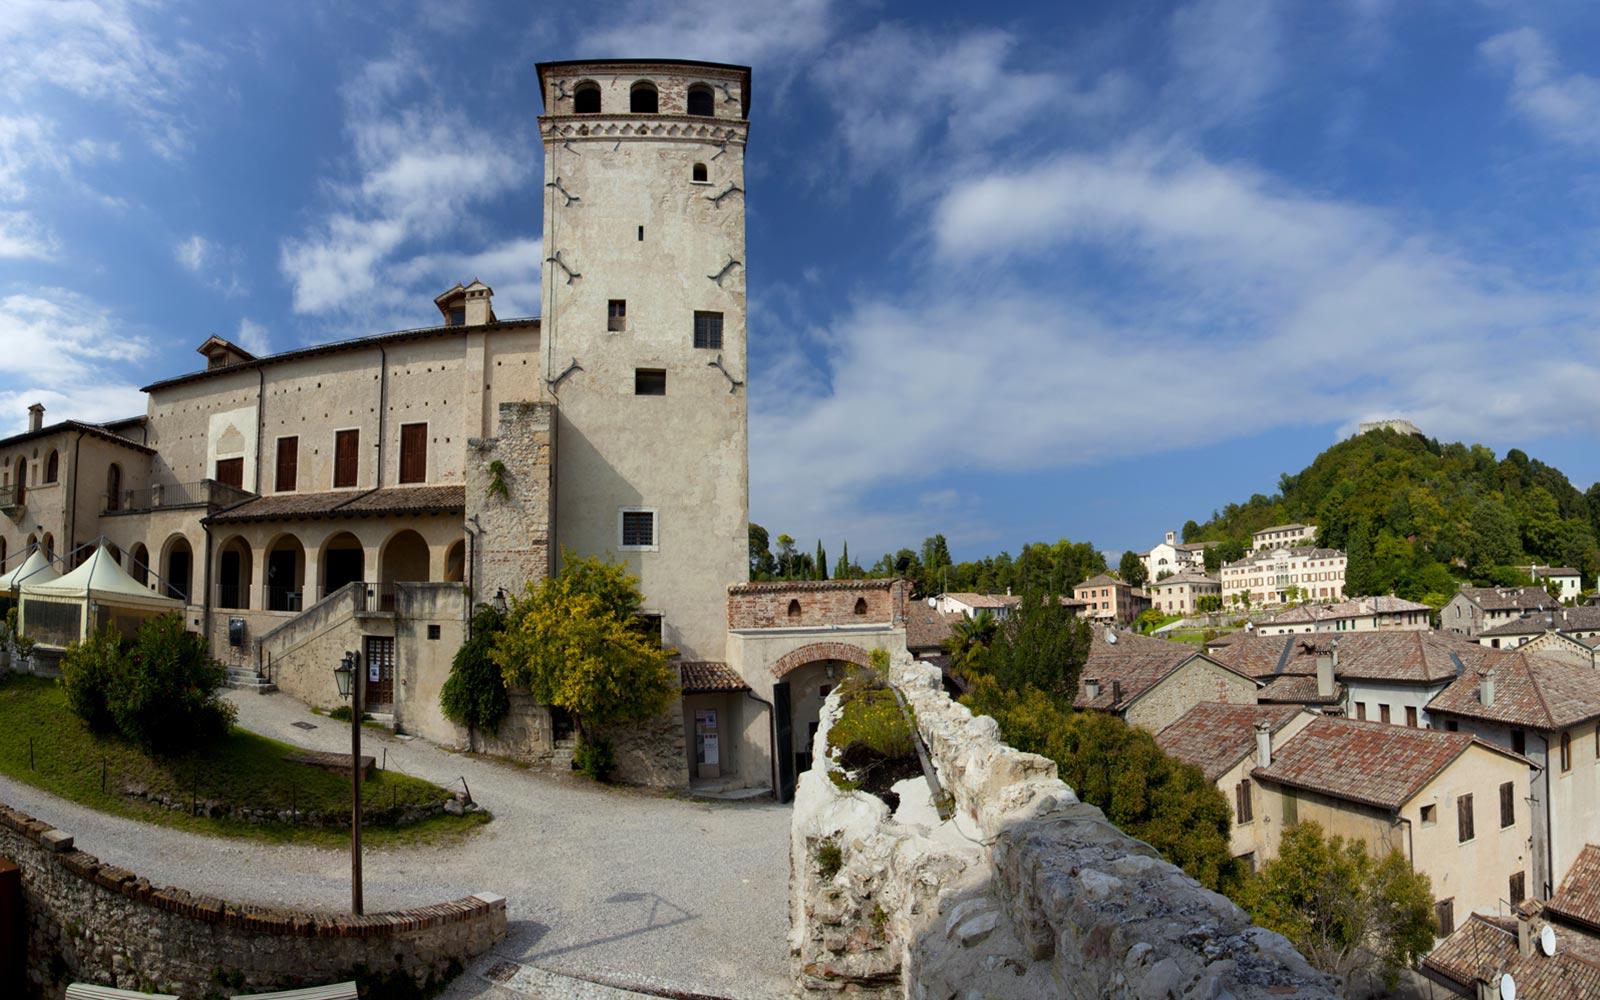 9 Asolo. TagesausflÅge wÑhrend eines Urlaubs in Cavallino Jesolo